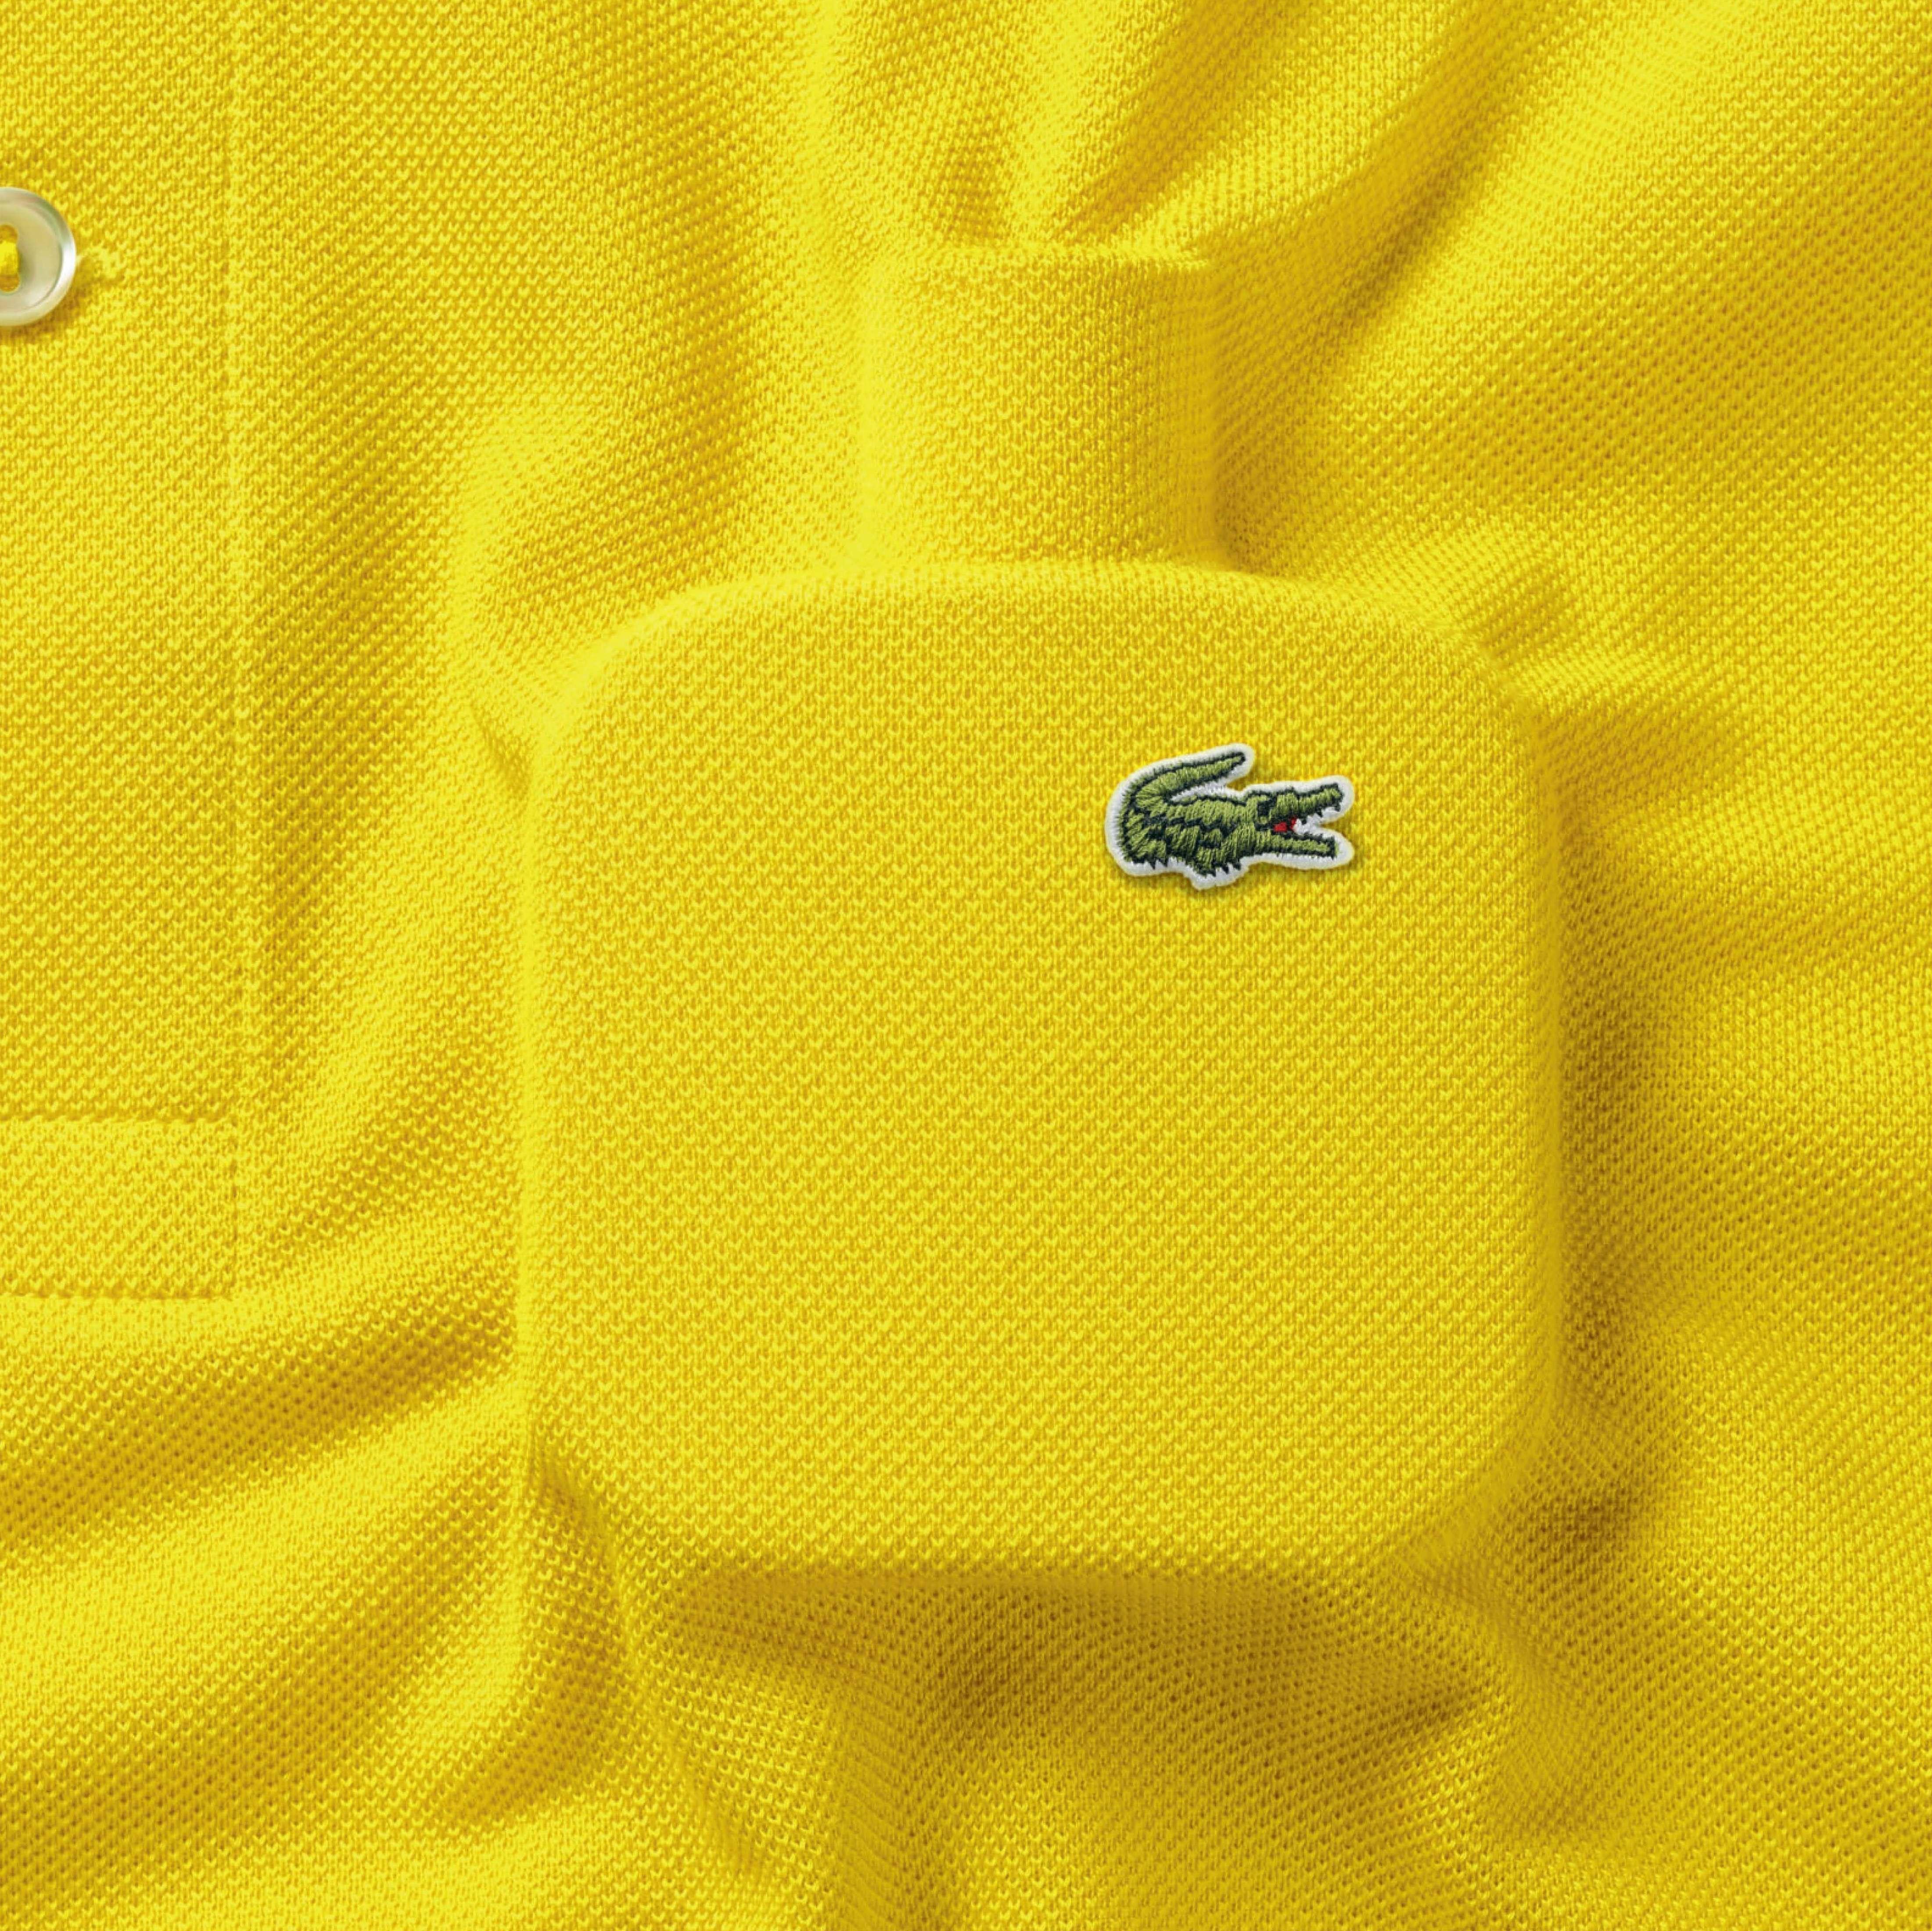 best cologne perfume fragrance for men Eau de Lacoste L.12.12 jaune  optimistic fresh smell 15347e2aa1ec